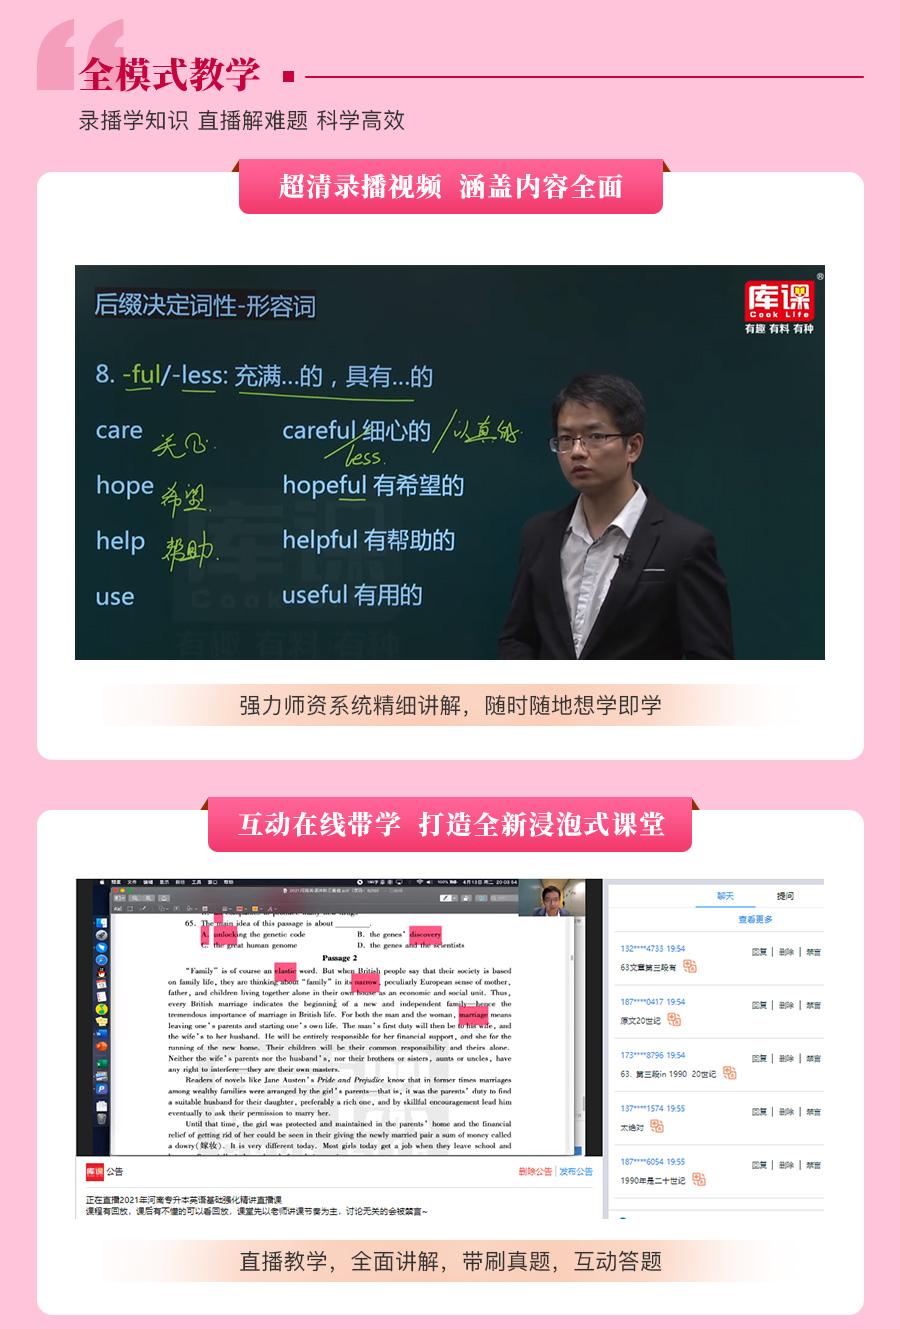 广东-vip-政治+语文-_05.jpg